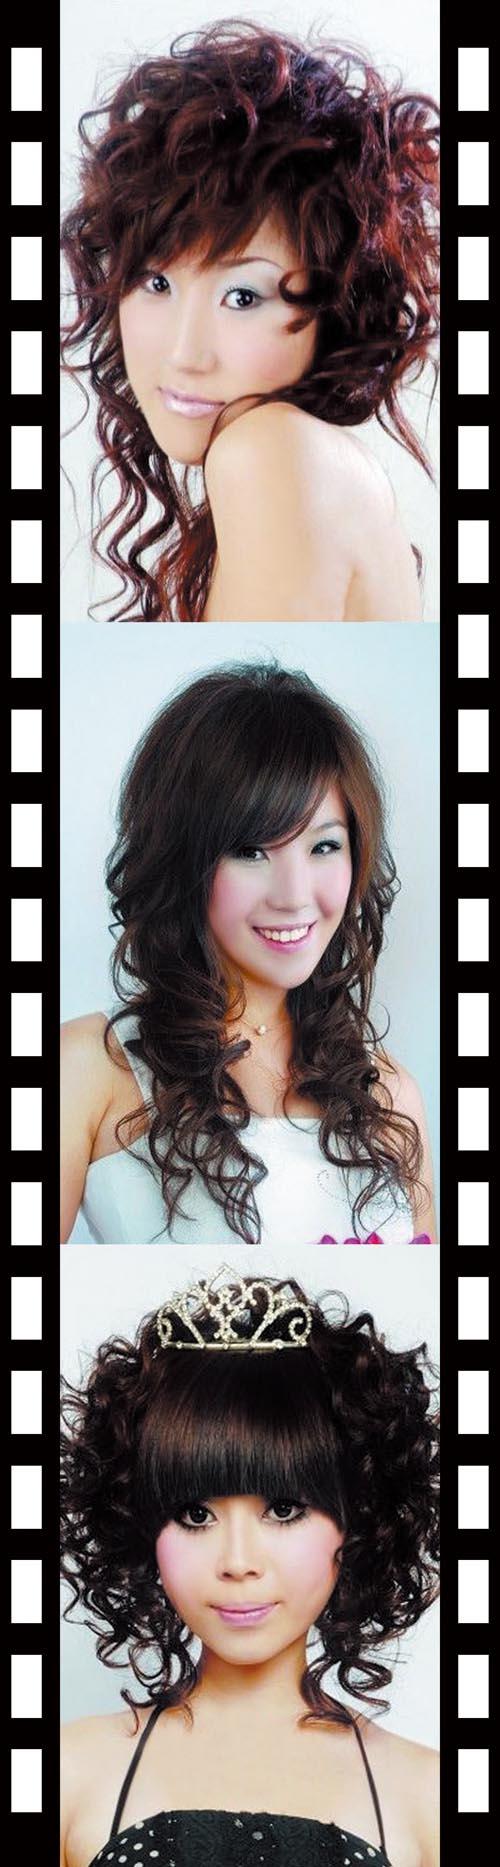 发型造型发型模特理发店用素材